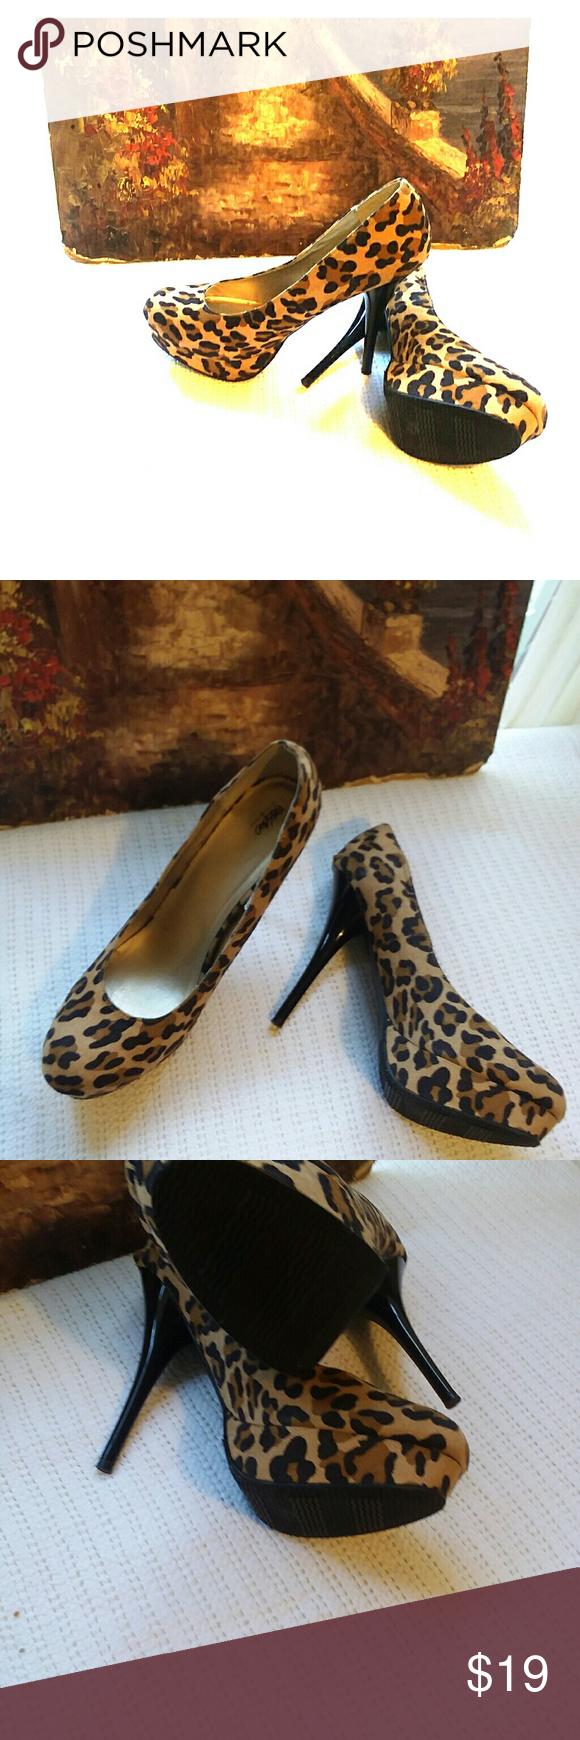 Leopard print pumps, Heels, Pumps